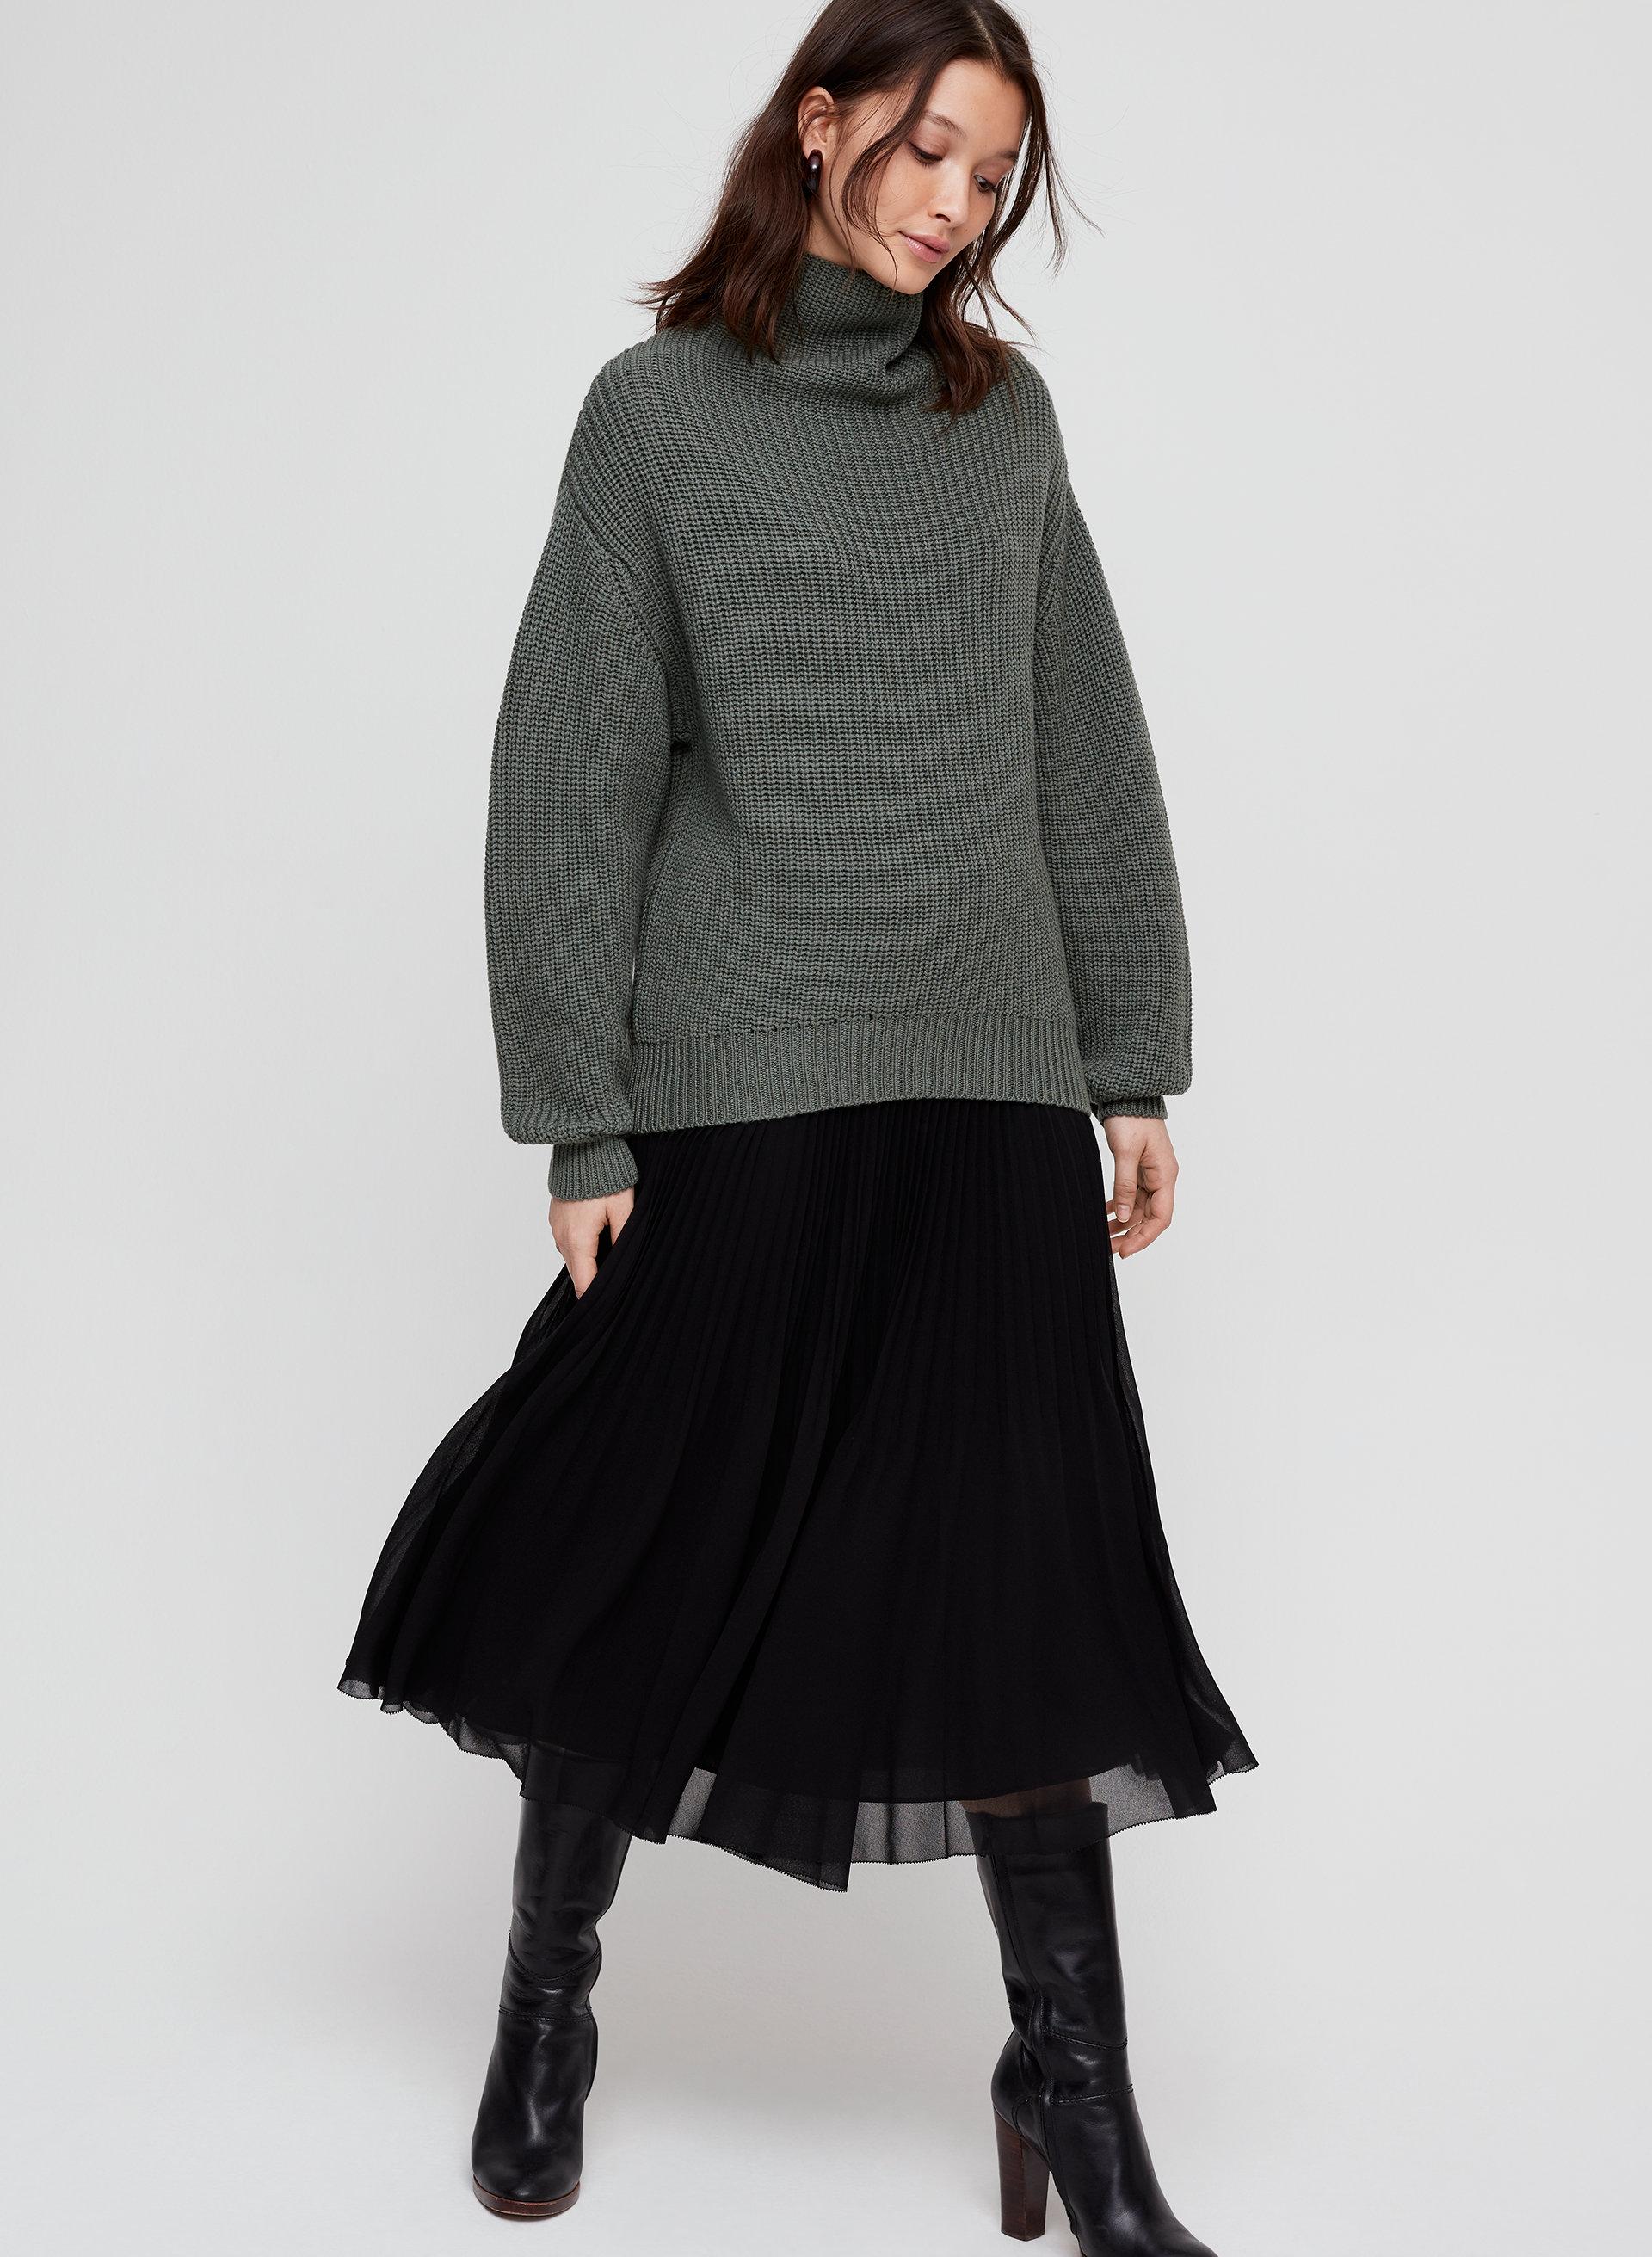 a578ea0626a5 MONTPELLIER SWEATER - Merino-wool turtleneck sweater